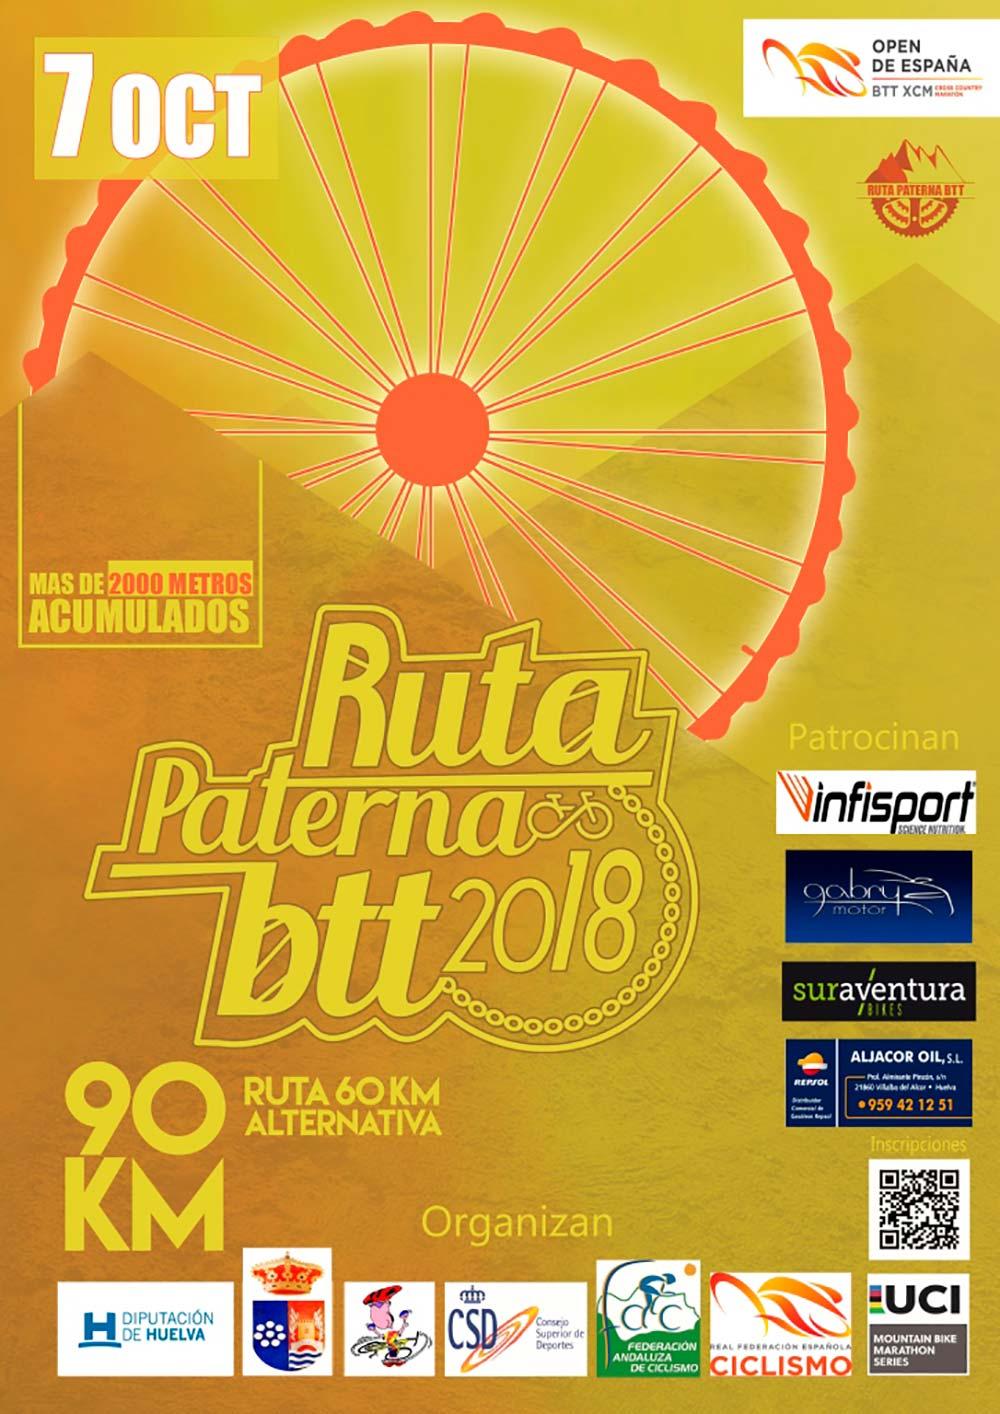 El Open de España XCM 2018 se decide en el Gran Premio Villa de Paterna